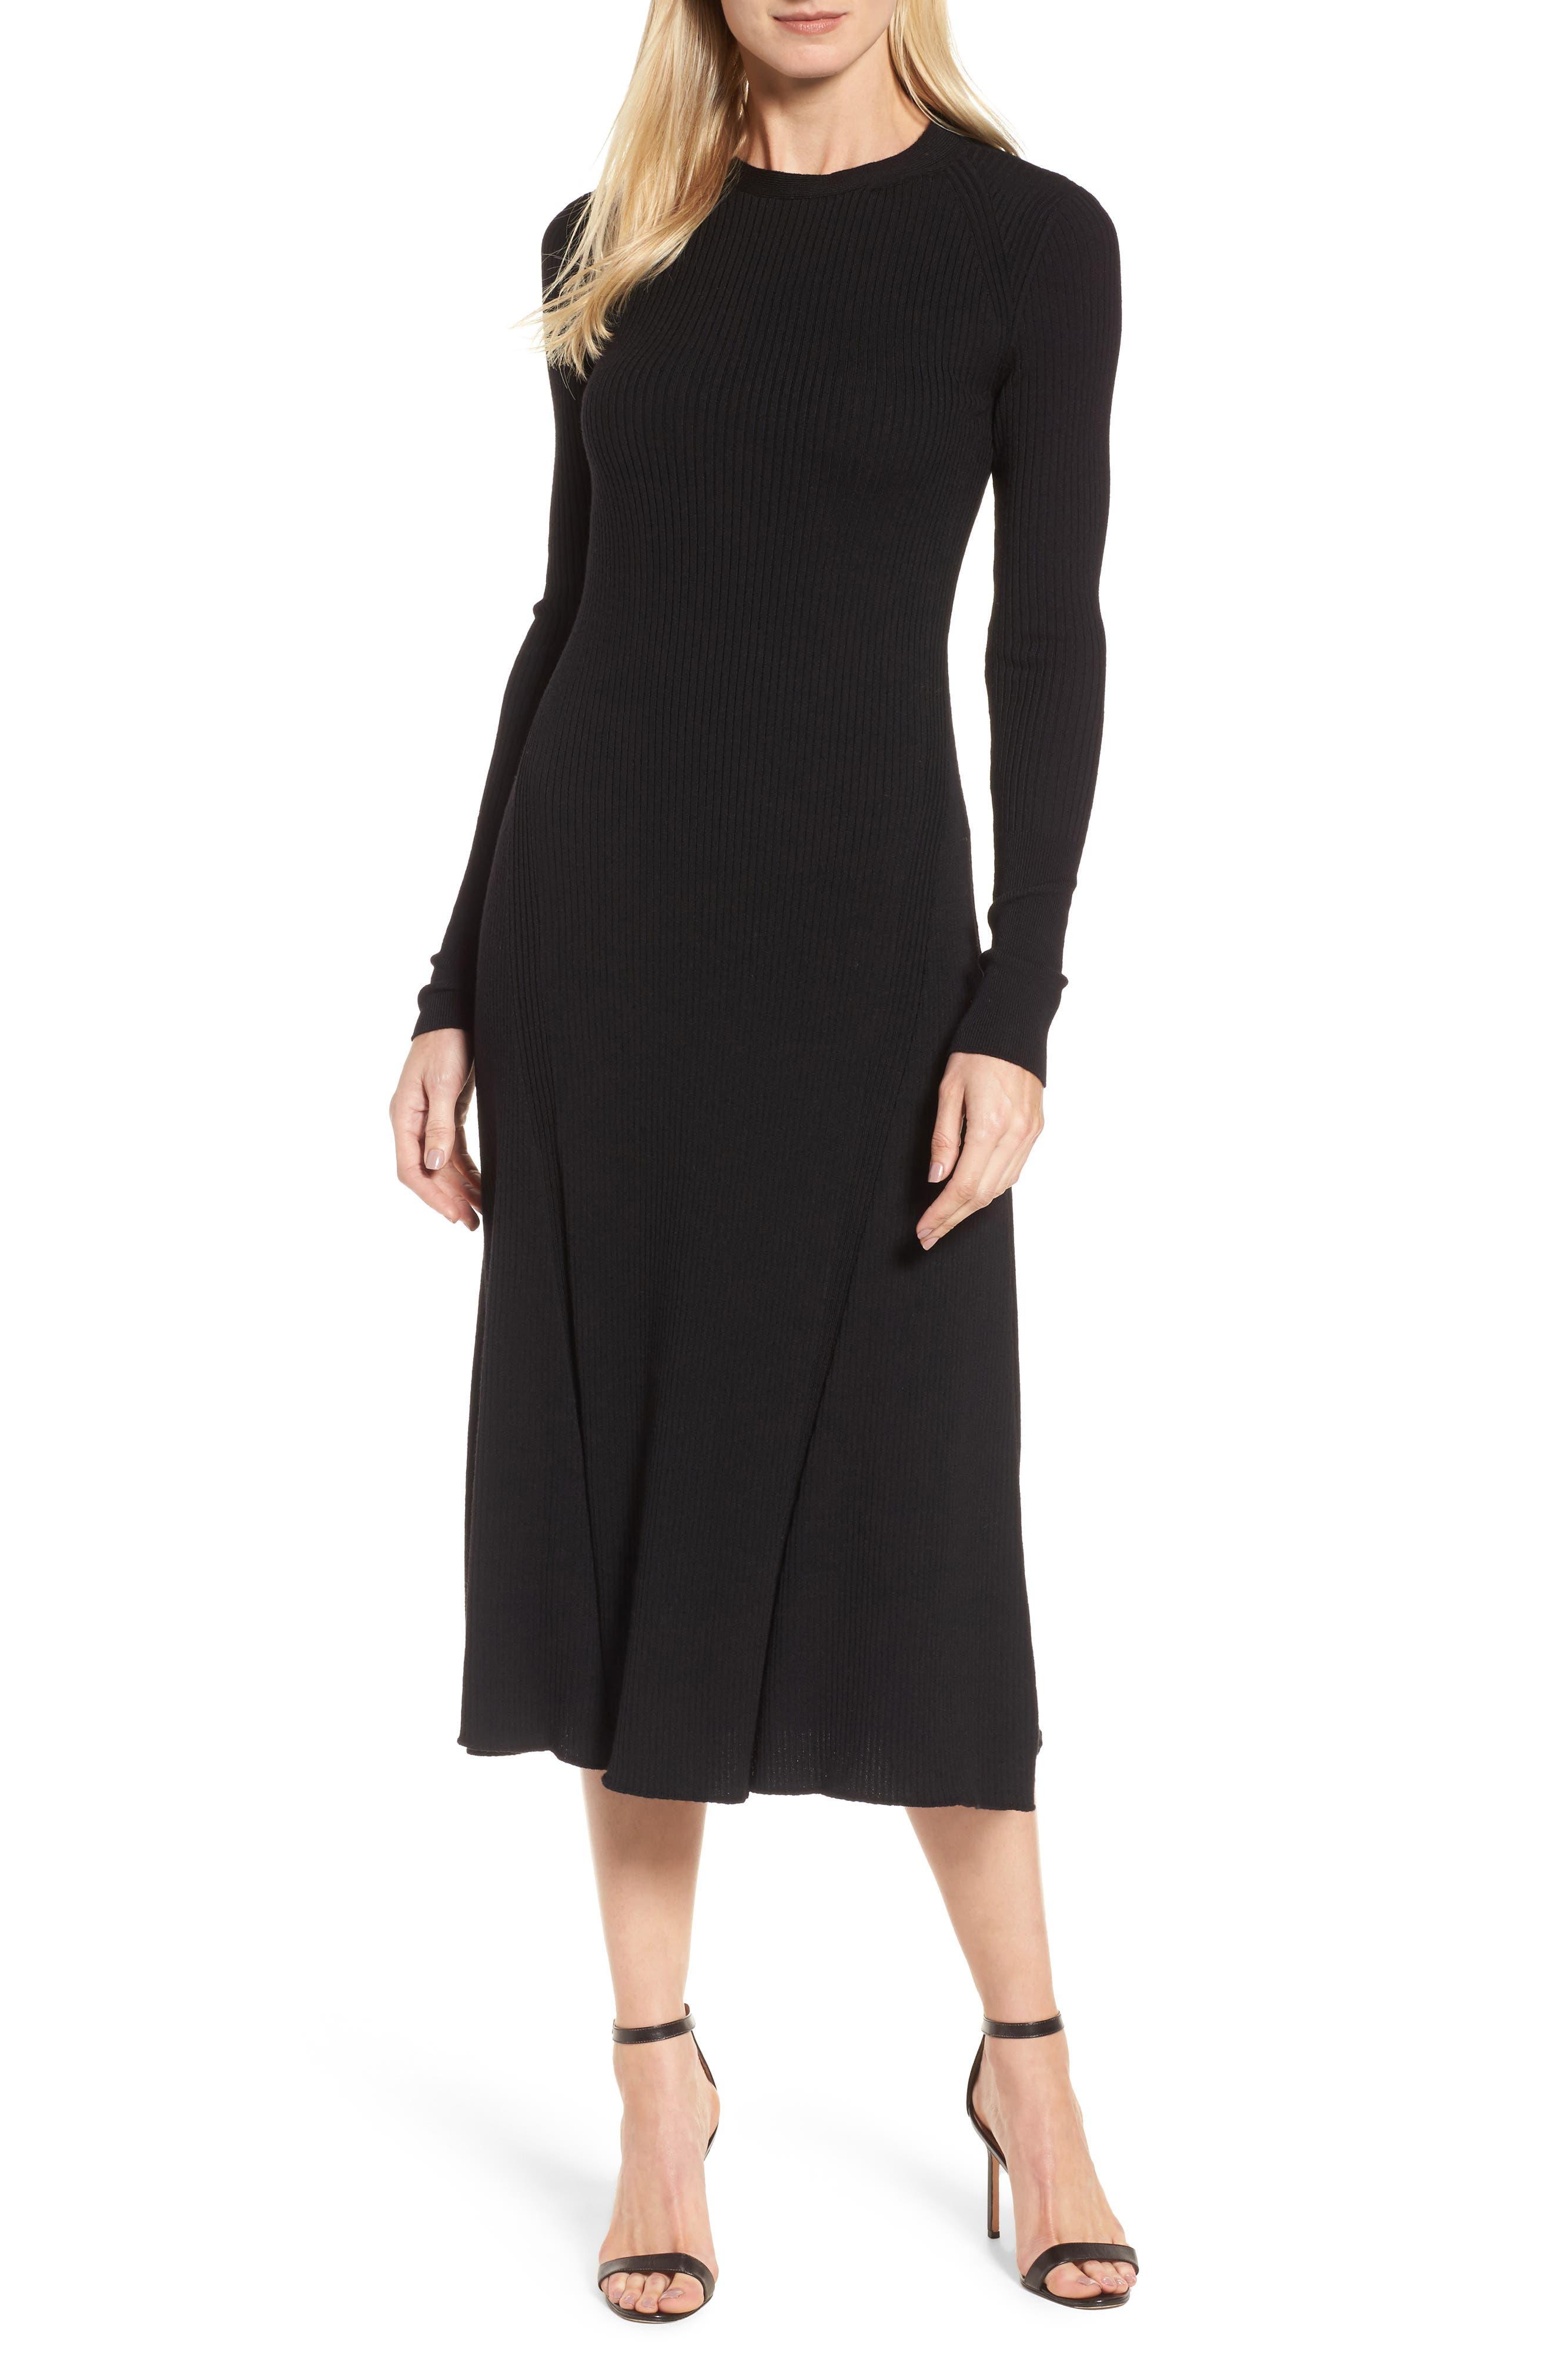 Faustine Midi Dress,                             Main thumbnail 1, color,                             Black